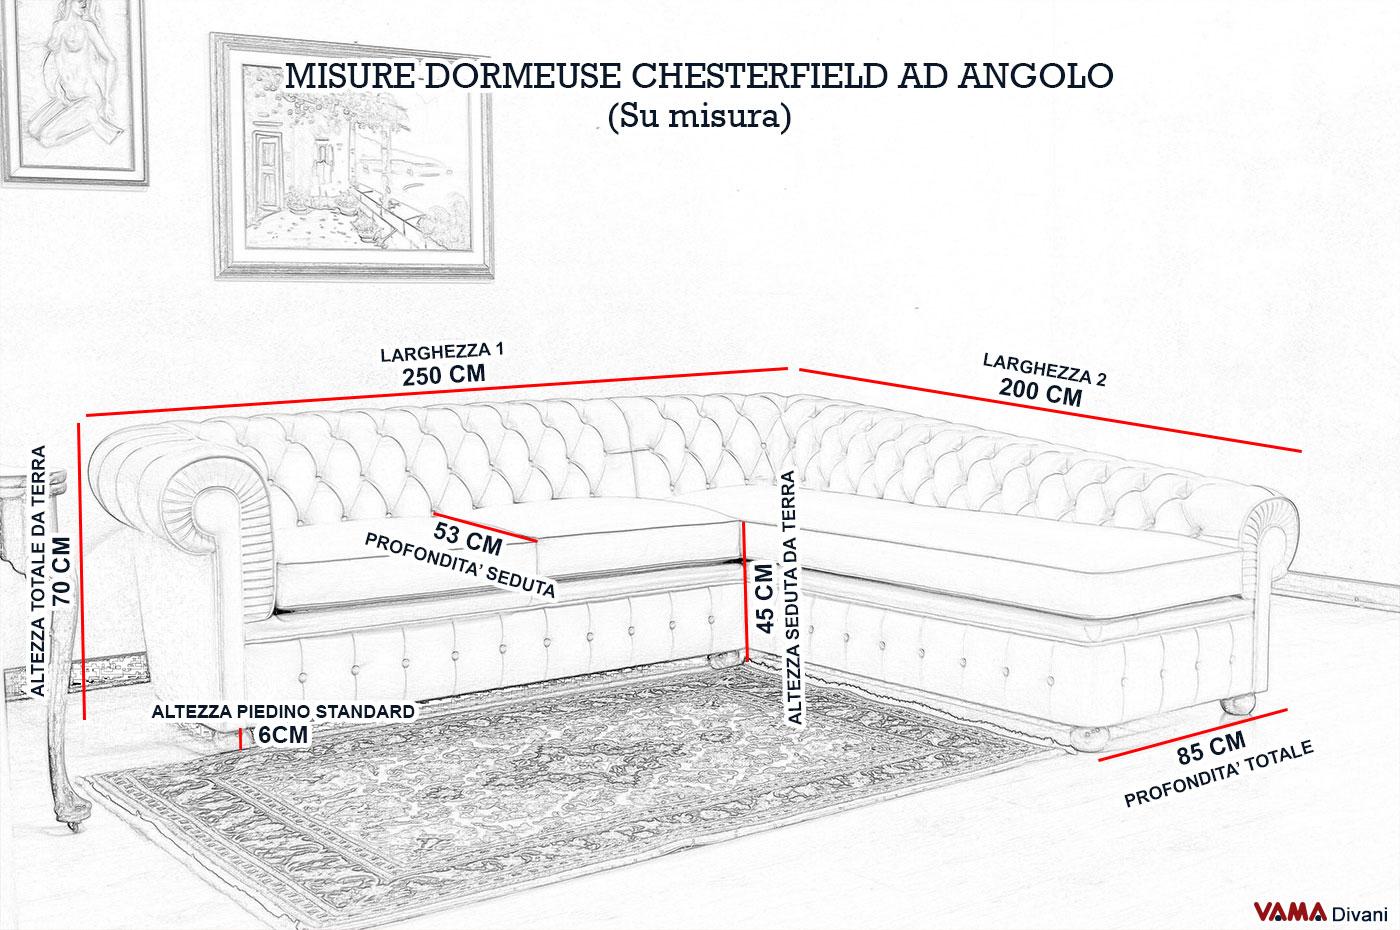 Dormeuse chesterfield angolare con penisola prezzi e misure - Misure di un divano ad angolo ...